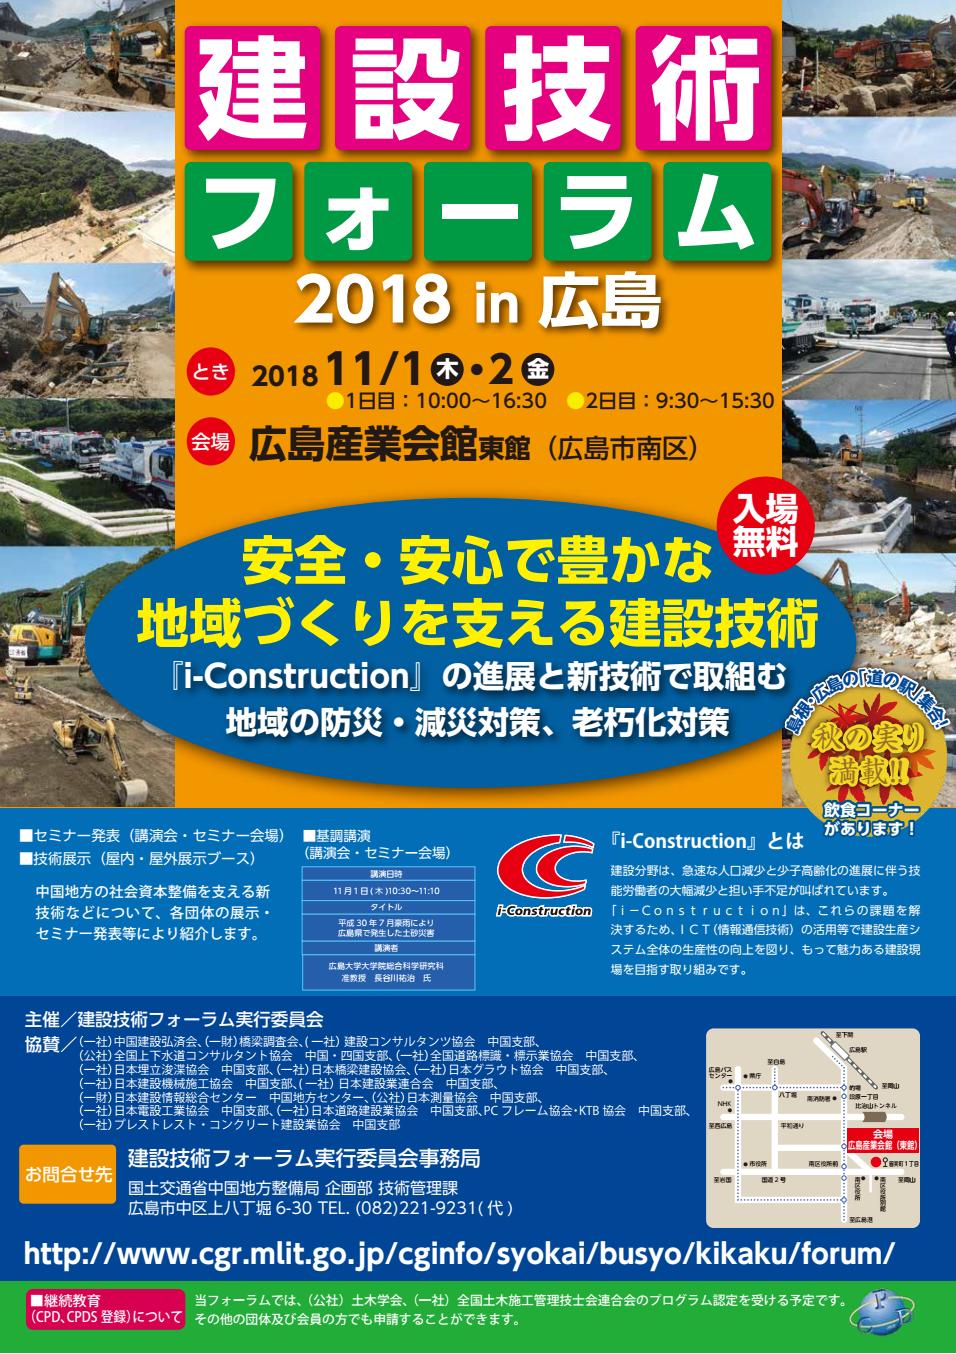 「建設技術フォーラム 2018 in 広島」に出展します